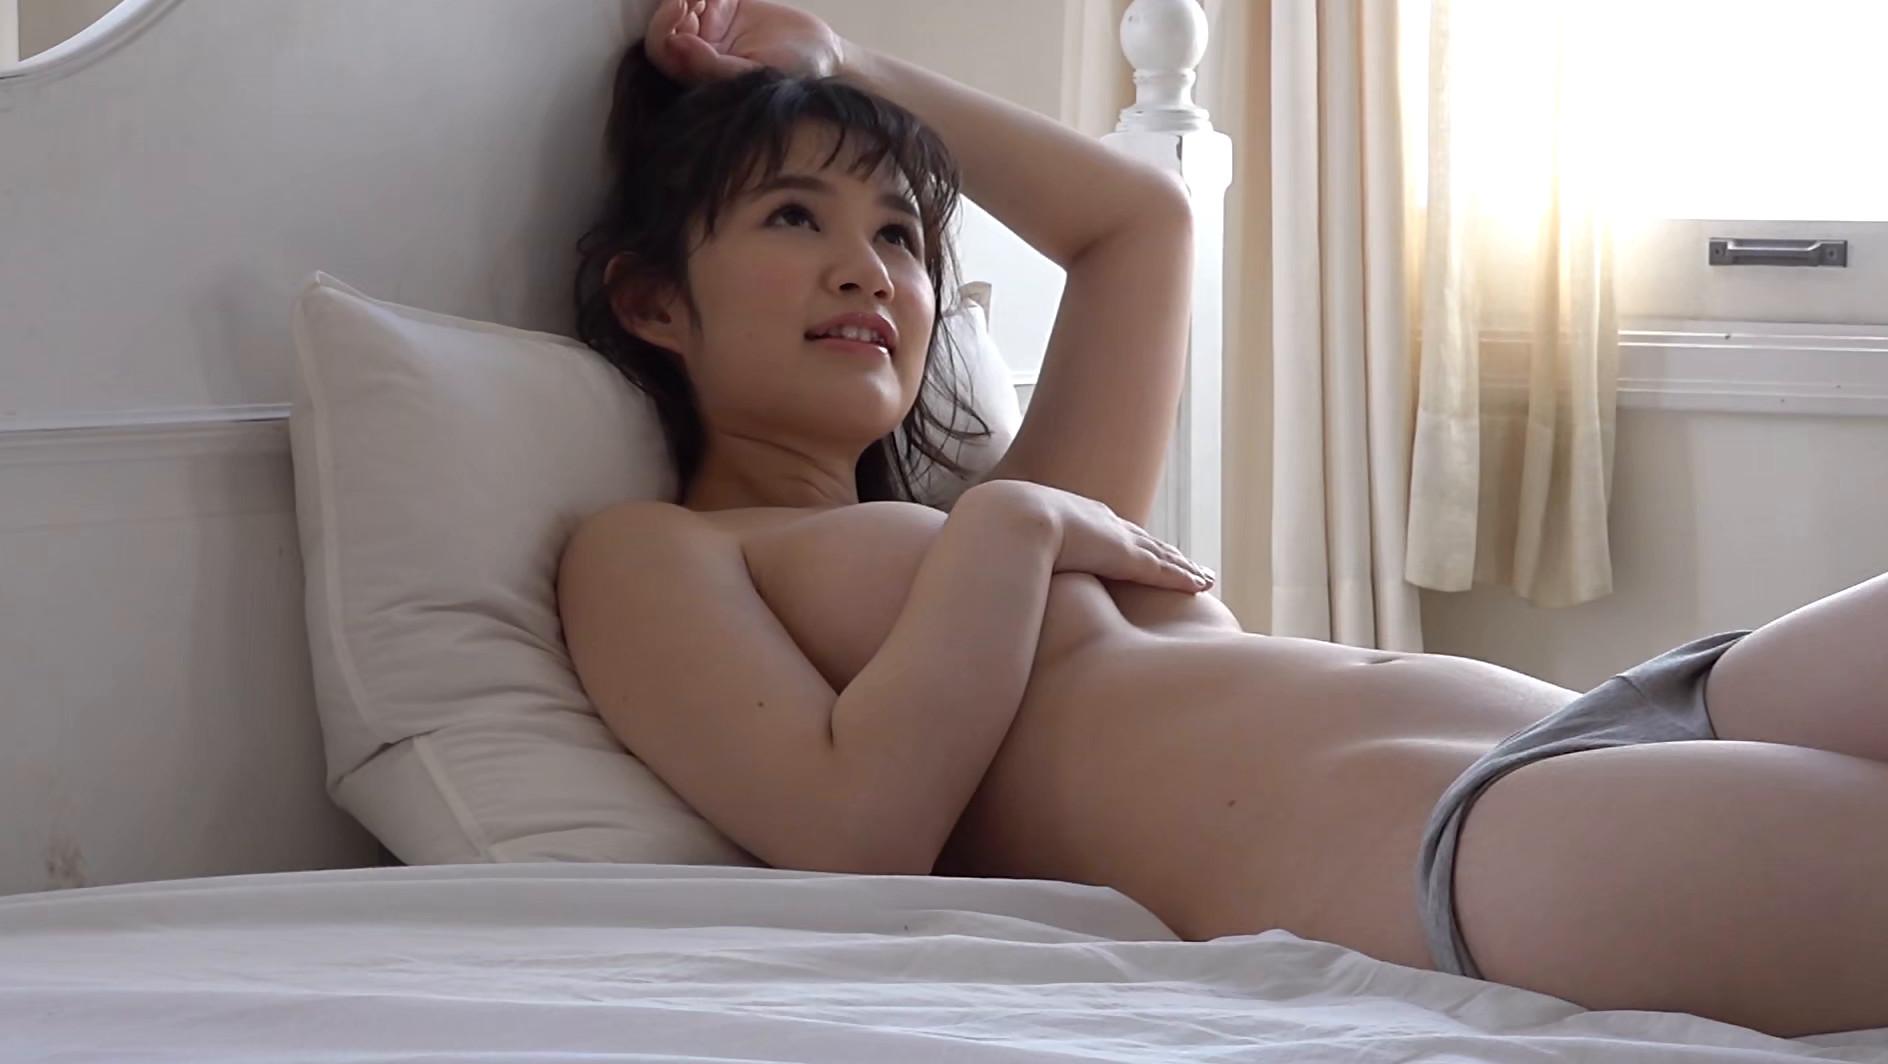 グラ●アアイドルたちの【流出】動画 活動女子5人分 画像21